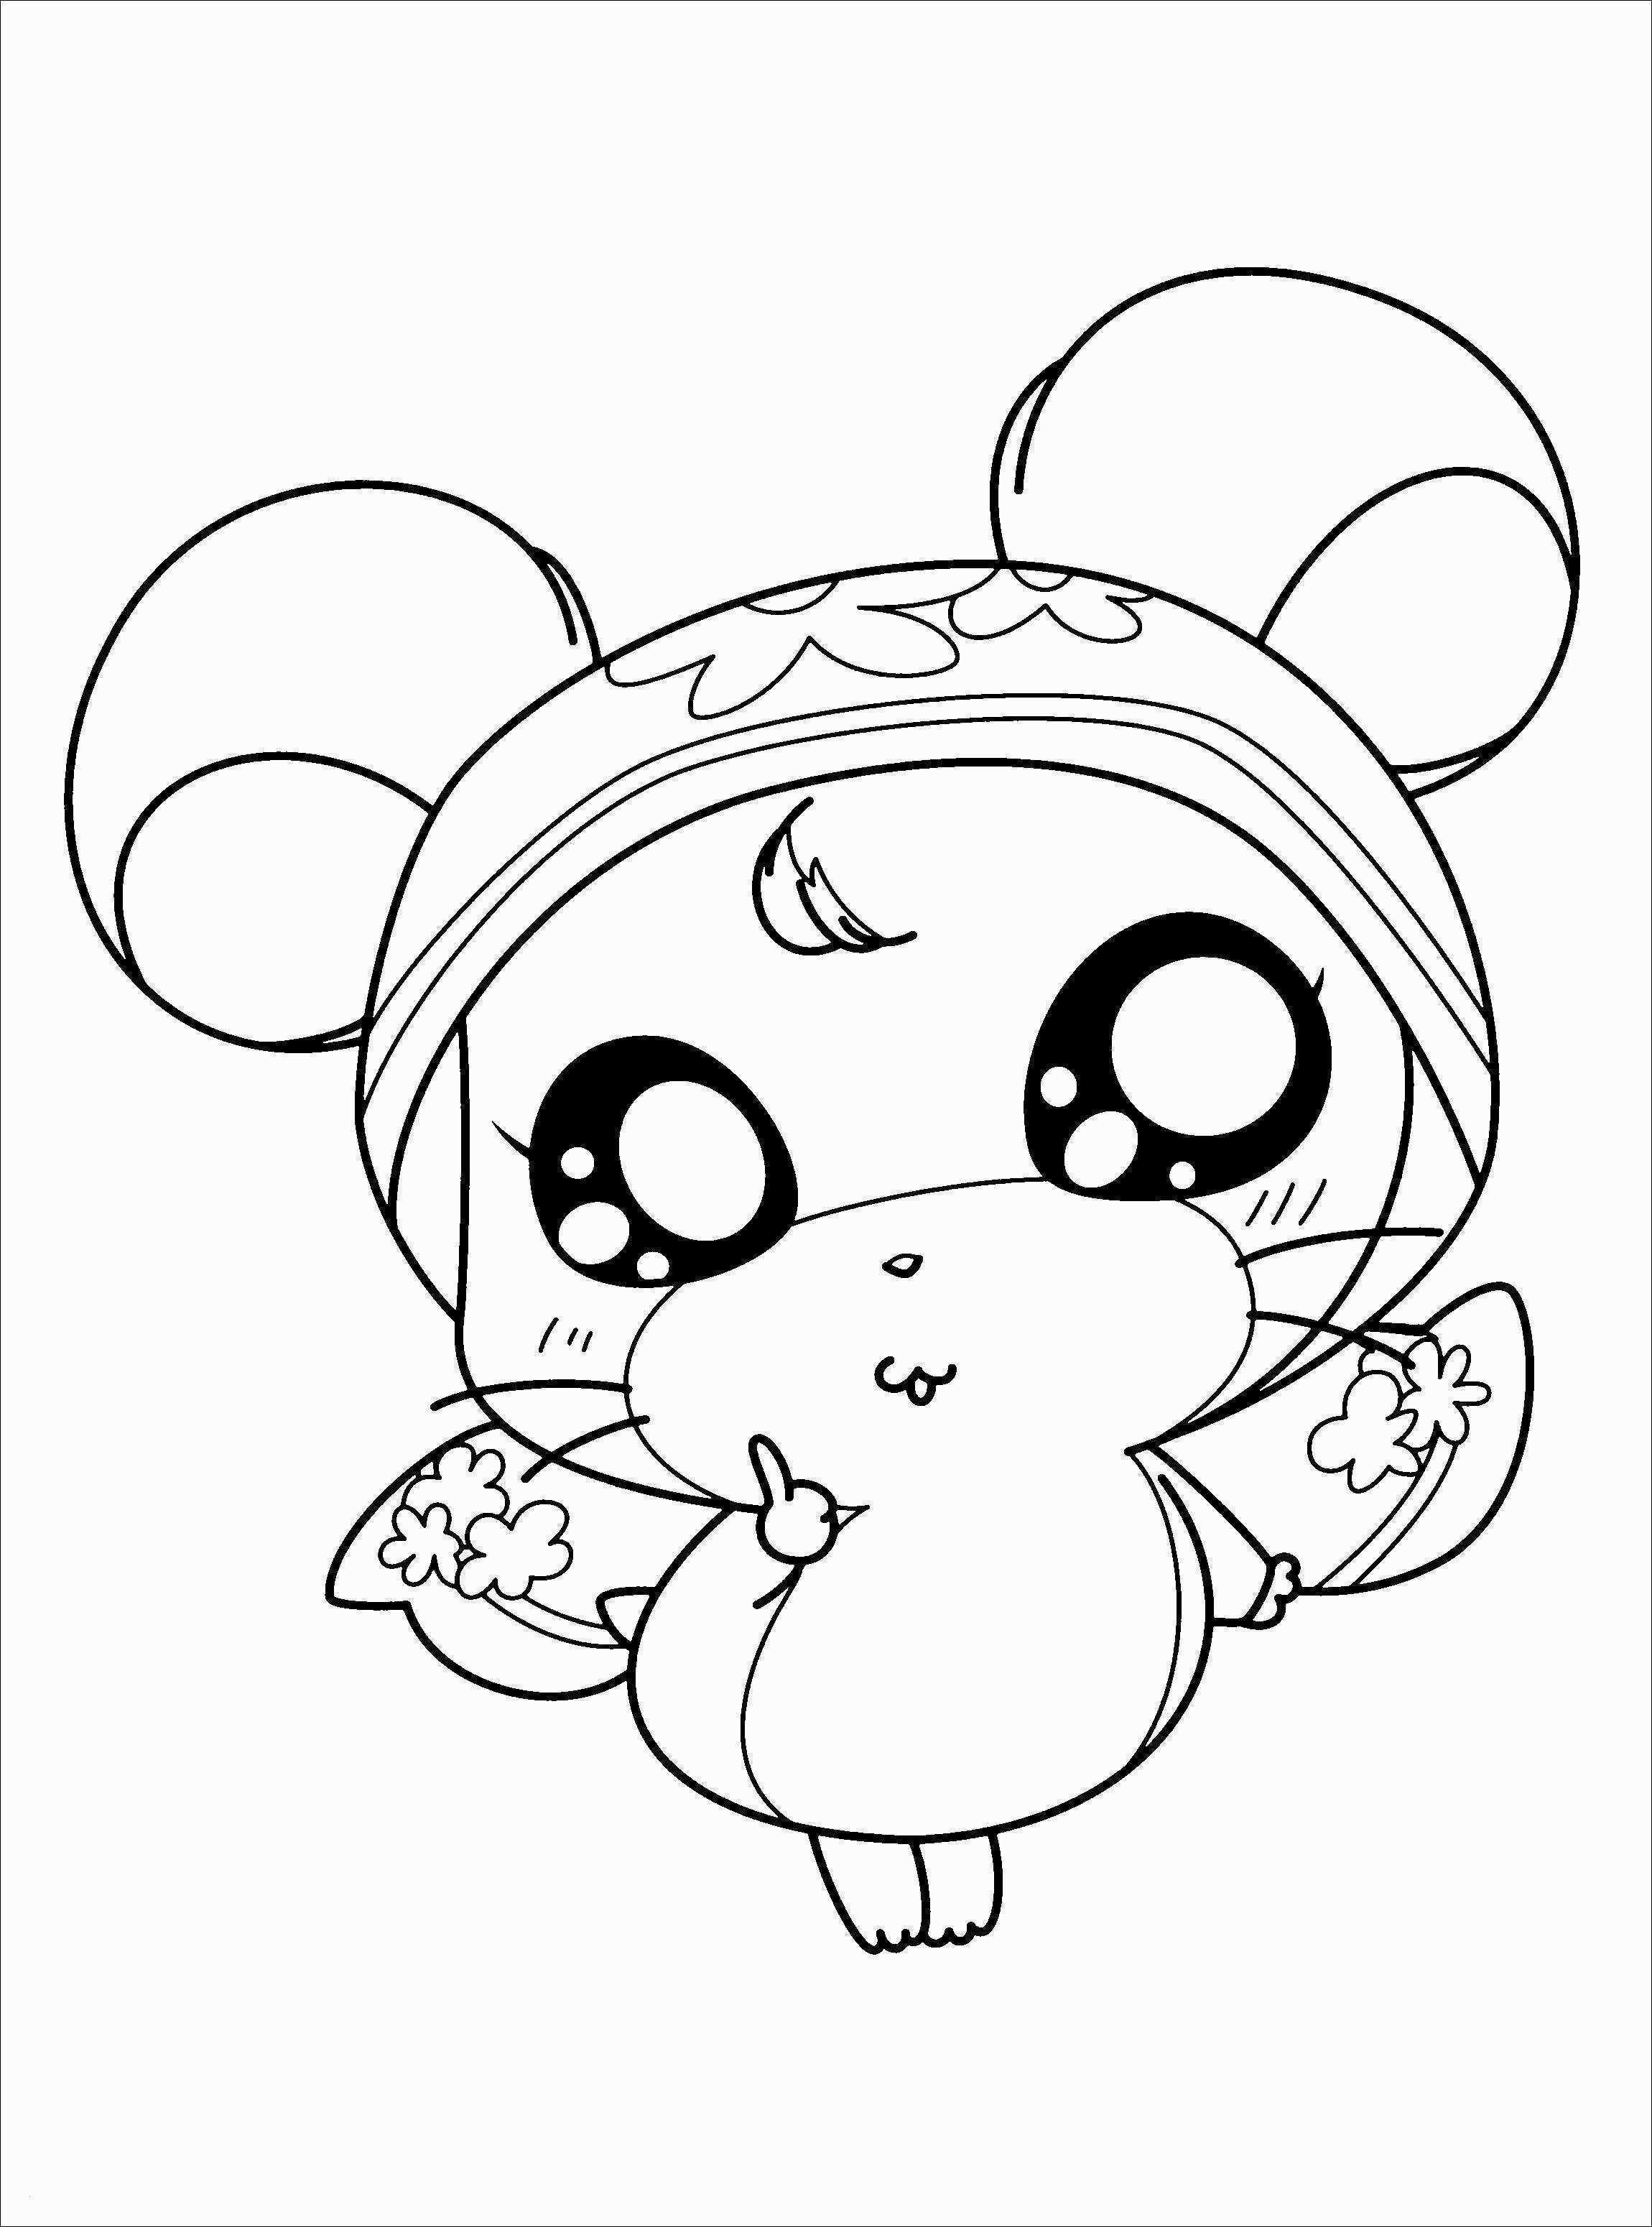 Minnie Mouse Malvorlage Das Beste Von Prinzessin Lillifee Malvorlagen Bild Bayern Ausmalbilder Neu Igel Bilder